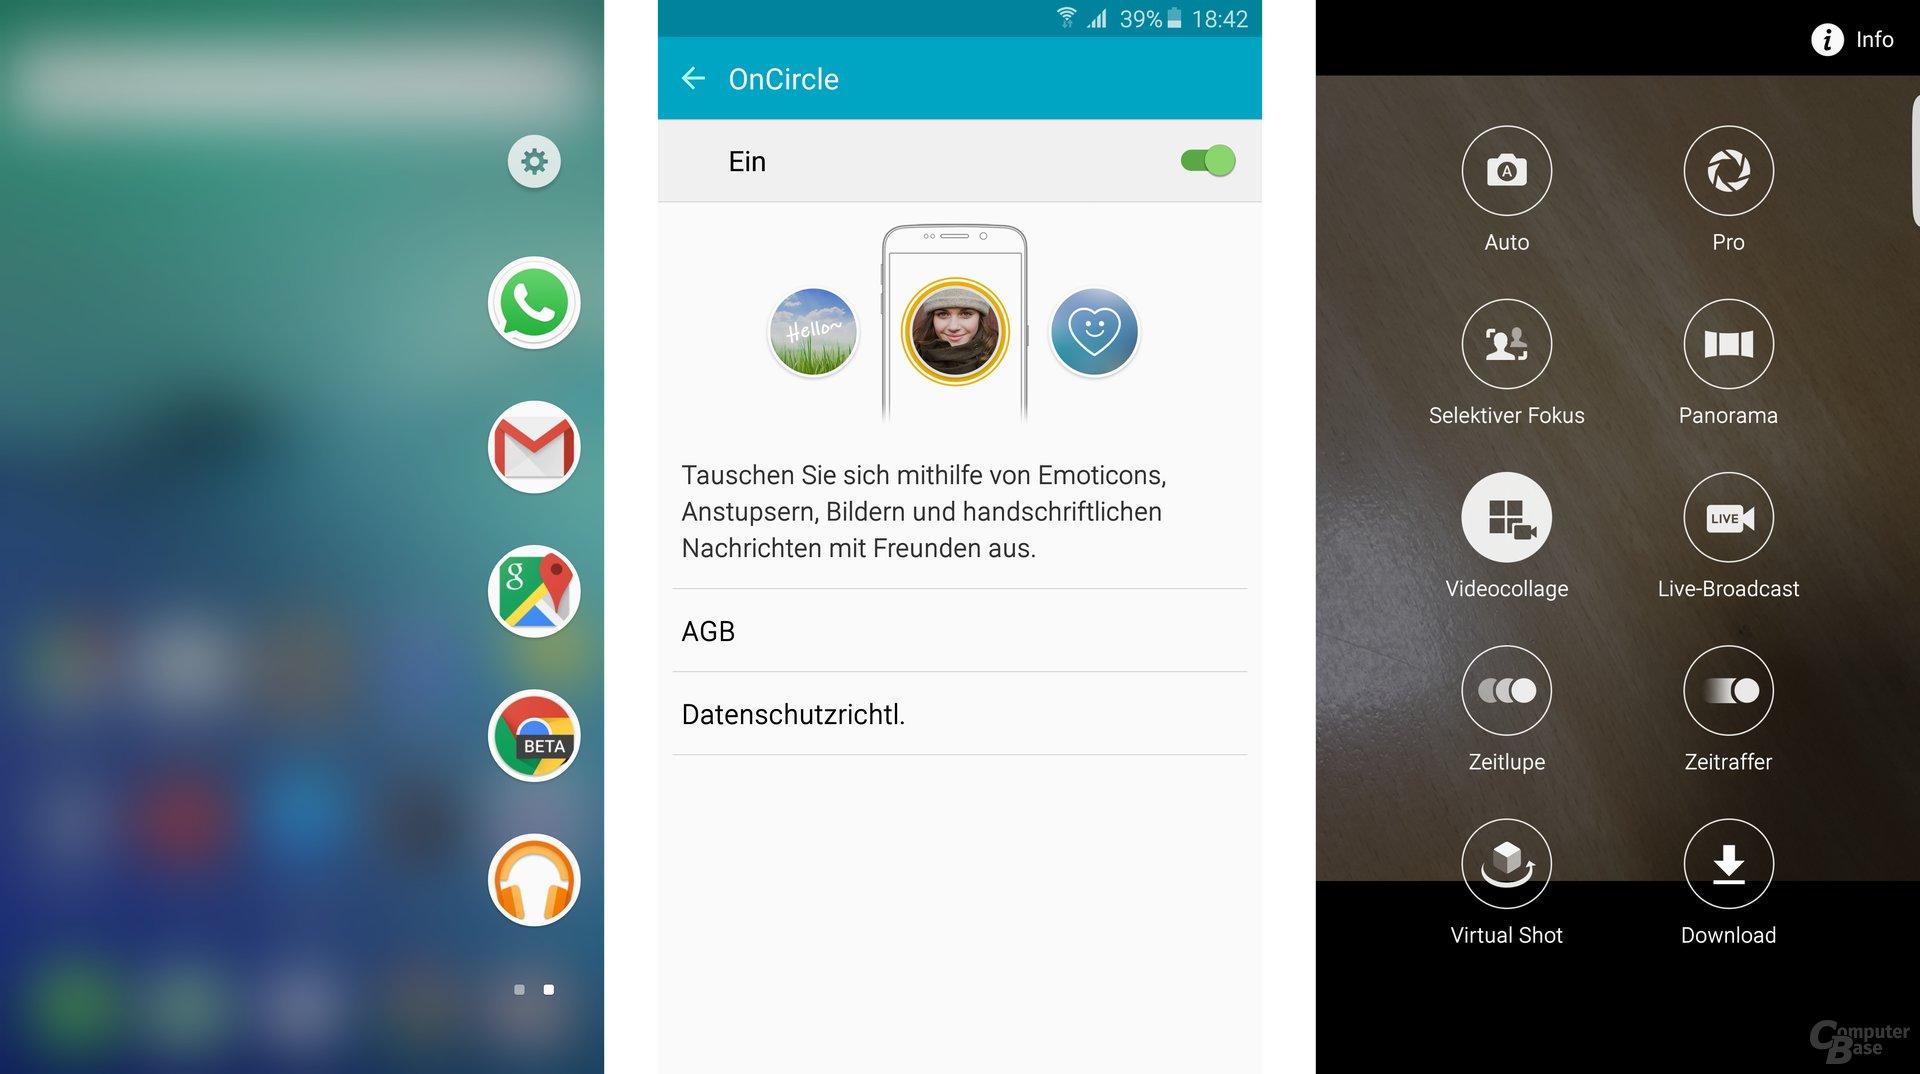 Galaxy S6 edge+: Edge mit Apps, OnCircle-Funktionen, neue Modi für Kamera